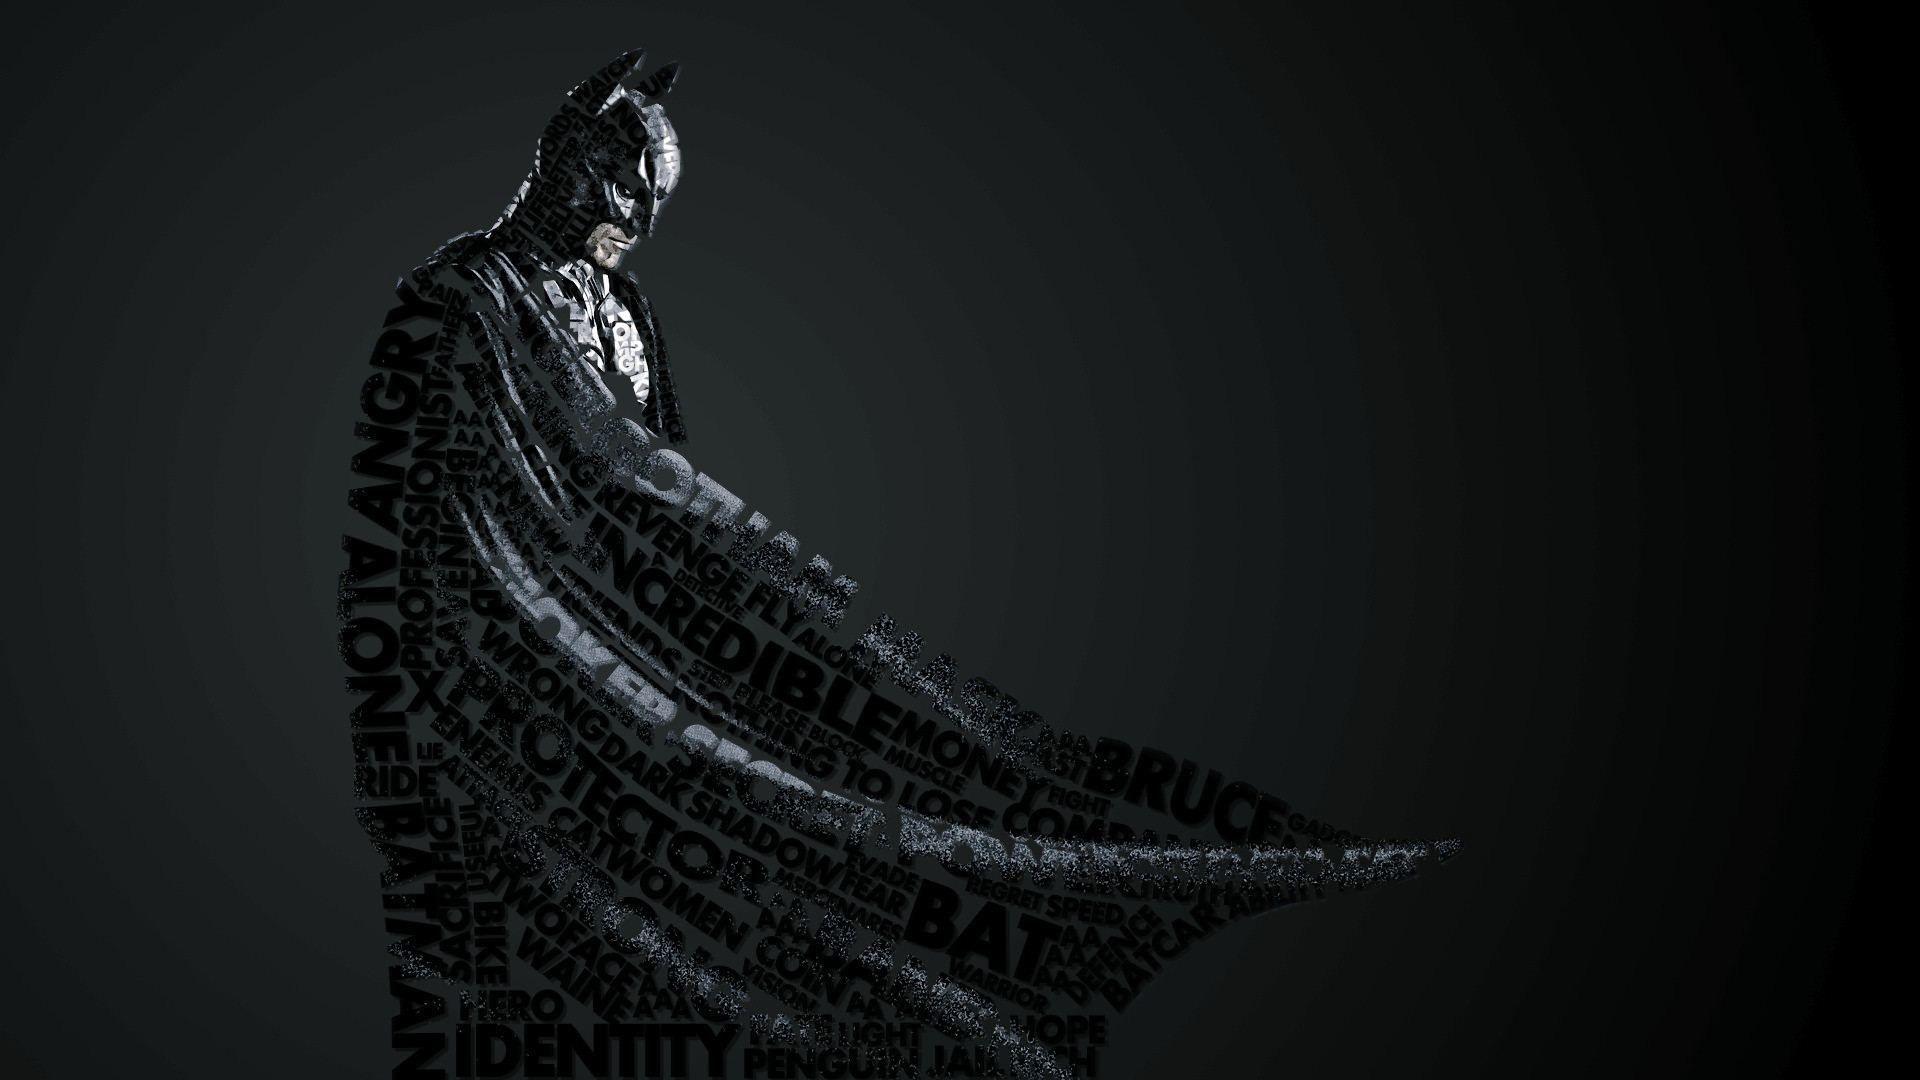 1920x1080 Wallpaper Batman Style Lettering